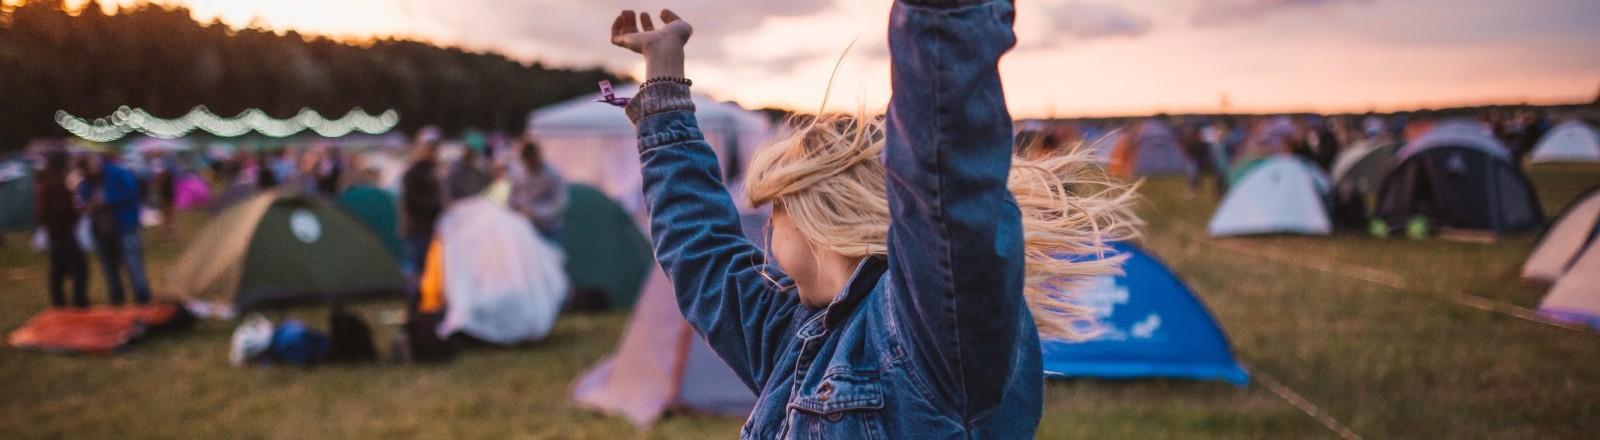 Eine Frau tanzt auf einem Festival Gelände